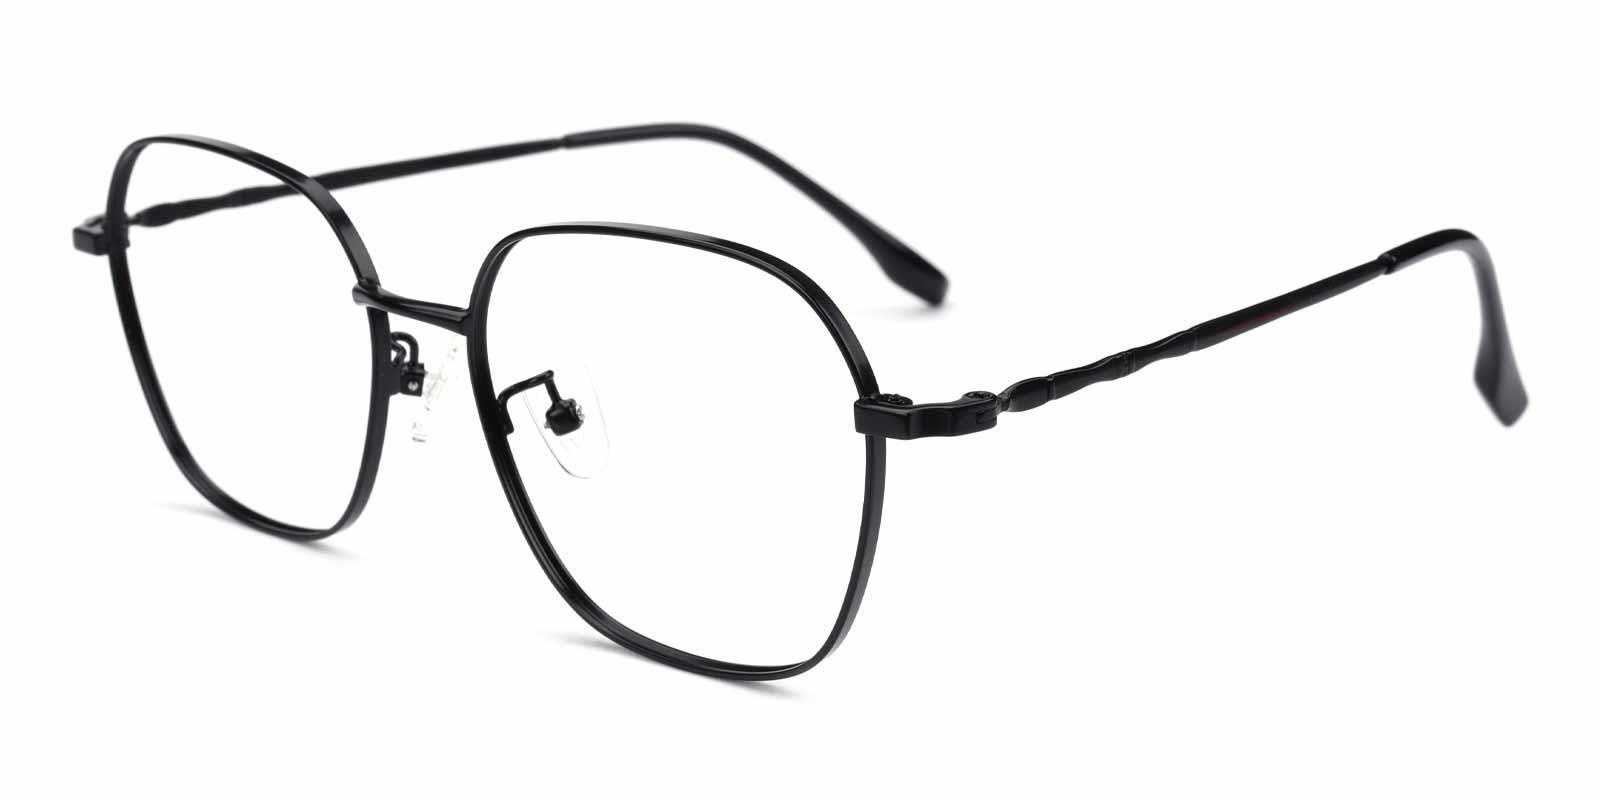 Aidan-Black-Square-Metal-Eyeglasses-additional1